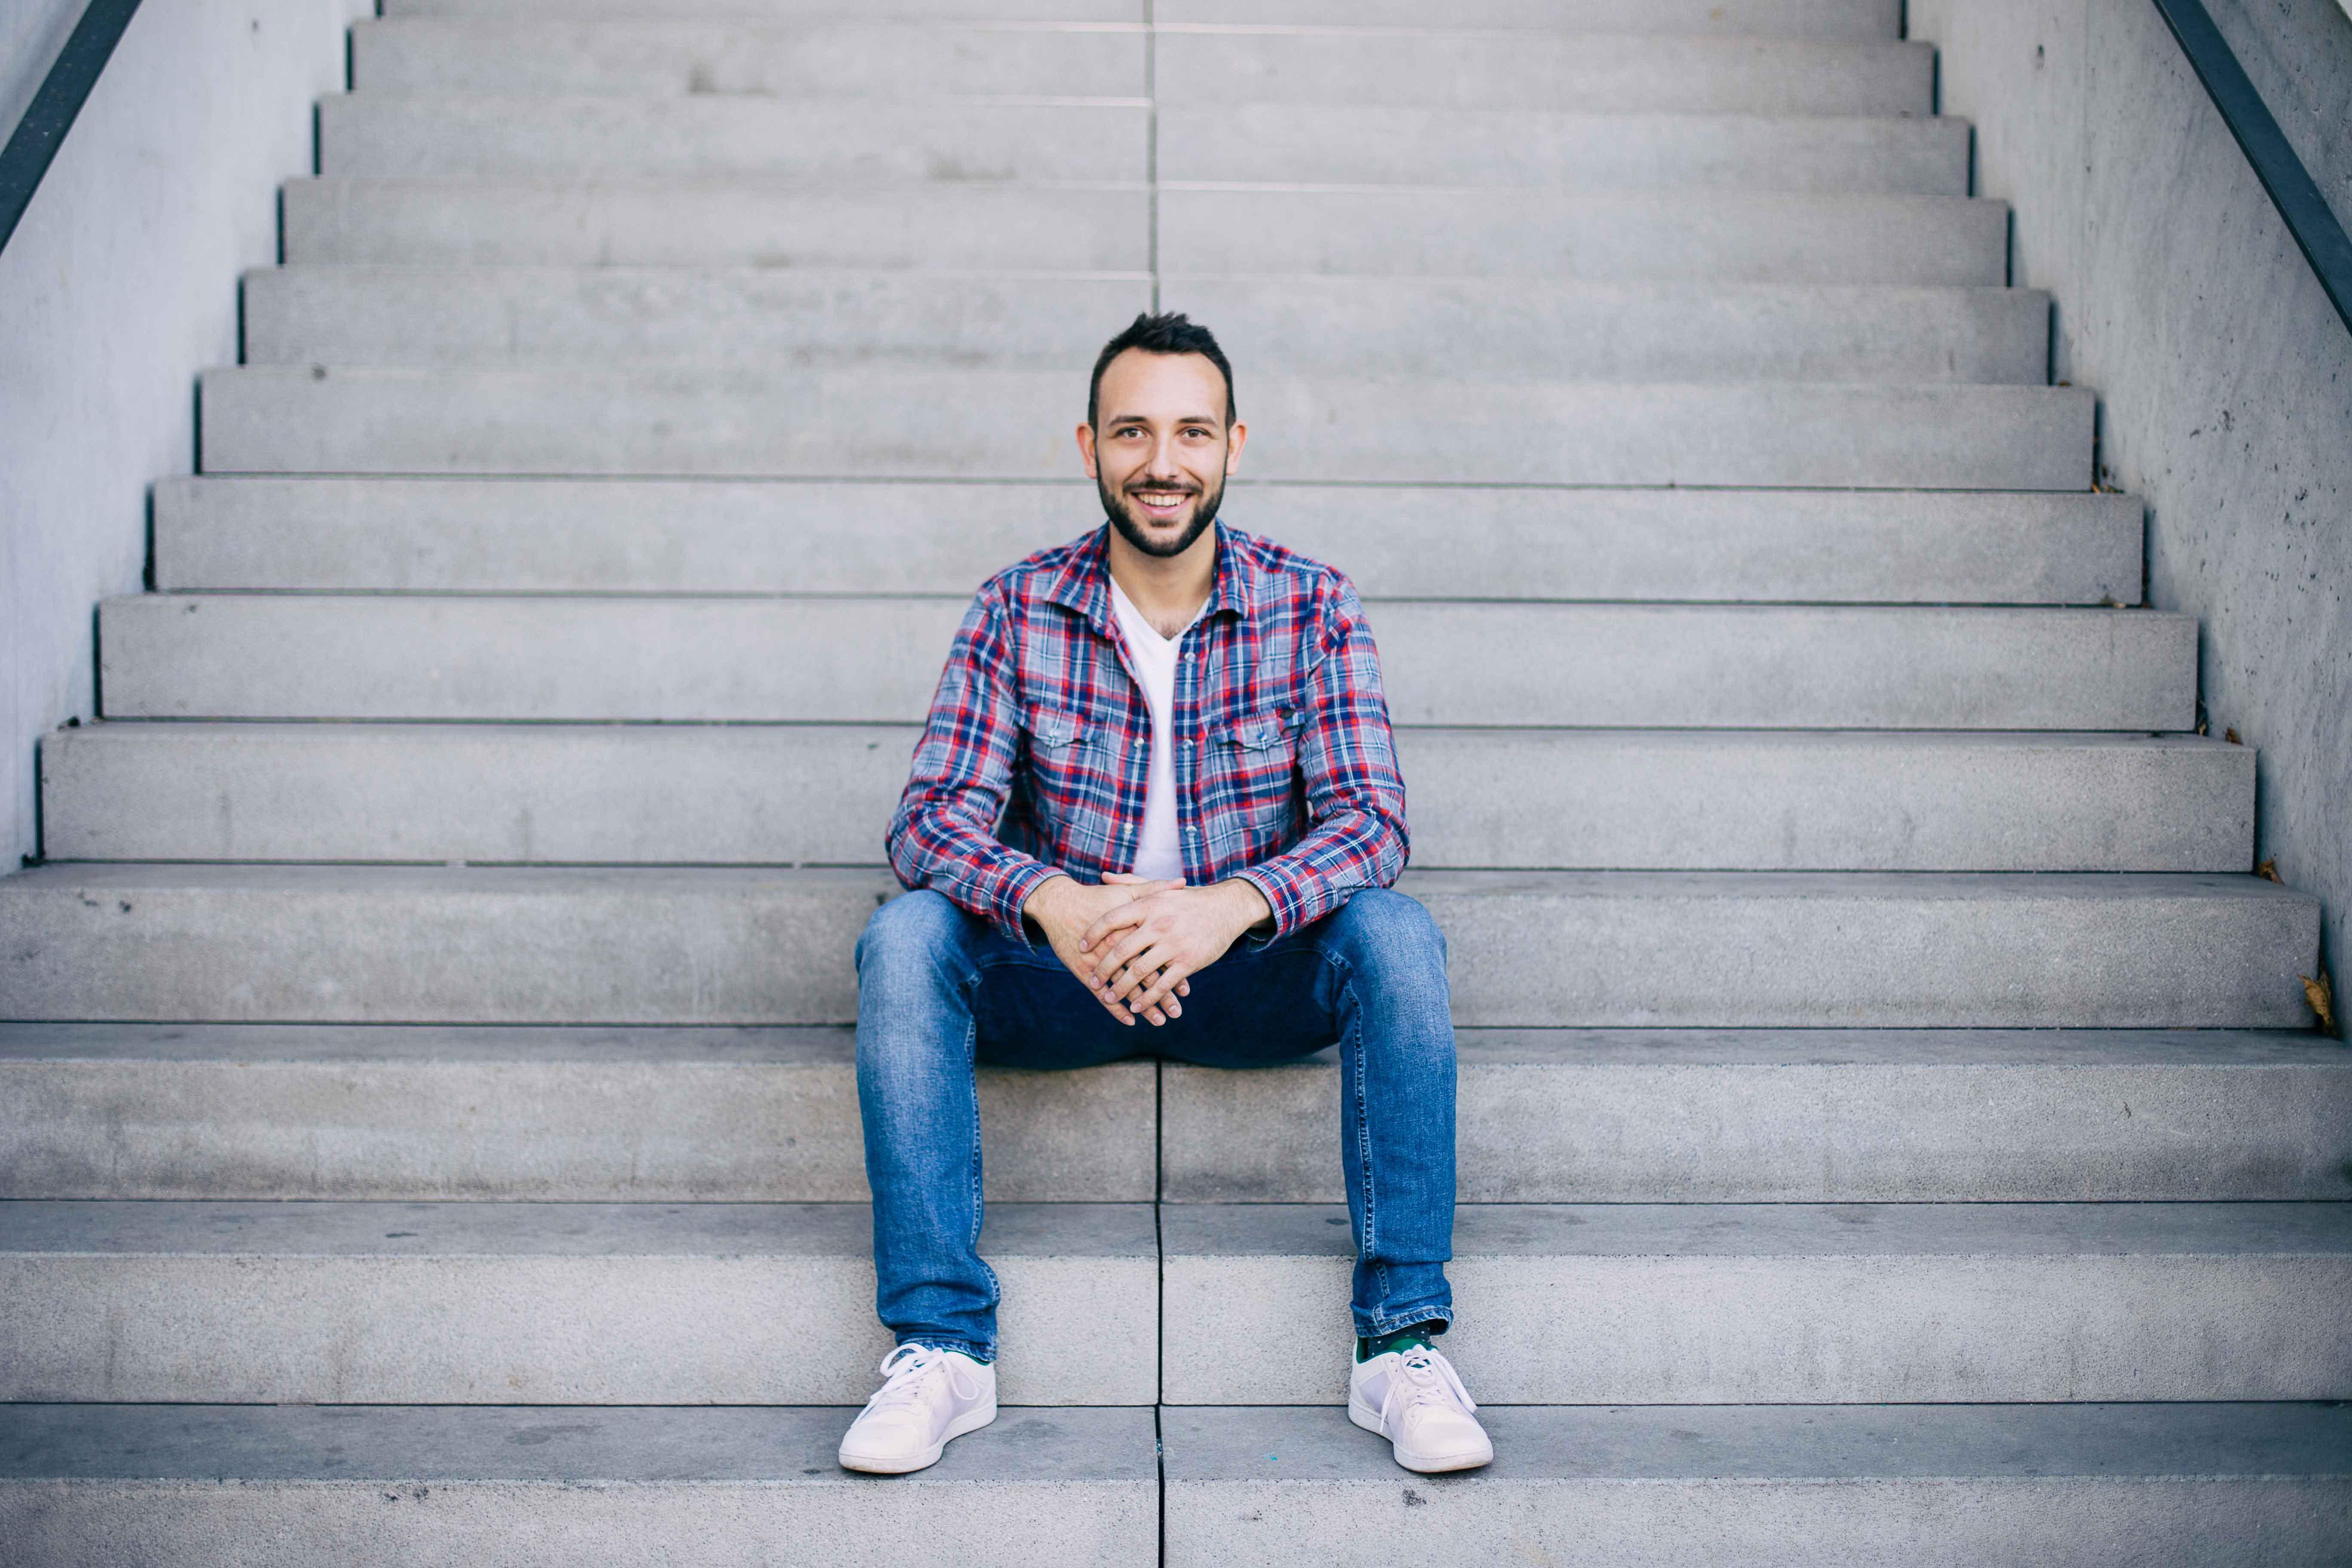 Symmetrisches Porträtfoto eines jungen Manns auf einer Treppe sitzend